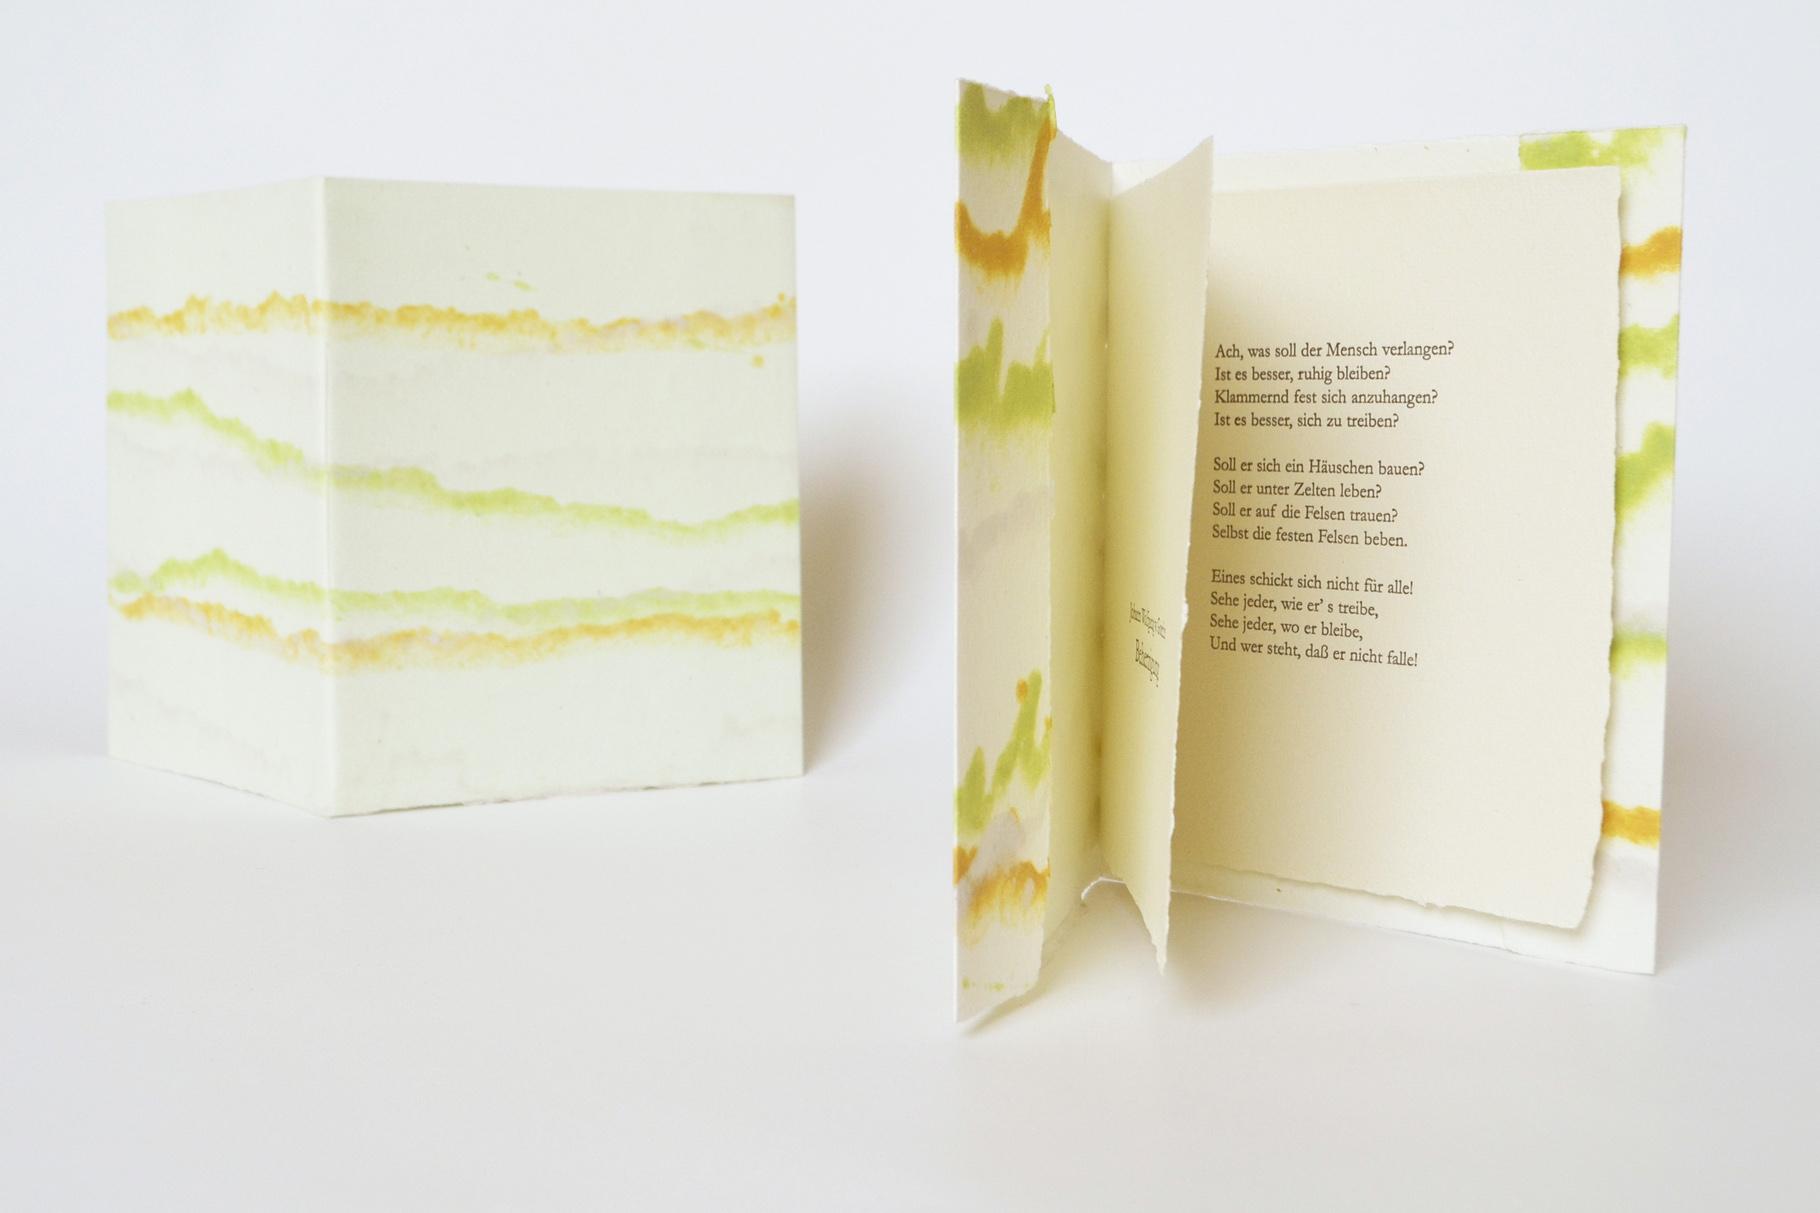 """""""Beherzigung"""" (2013) - Ein Heft, gestaltet von John Gerard mit einem Gedicht von Johann Wolfgang von Goethe"""